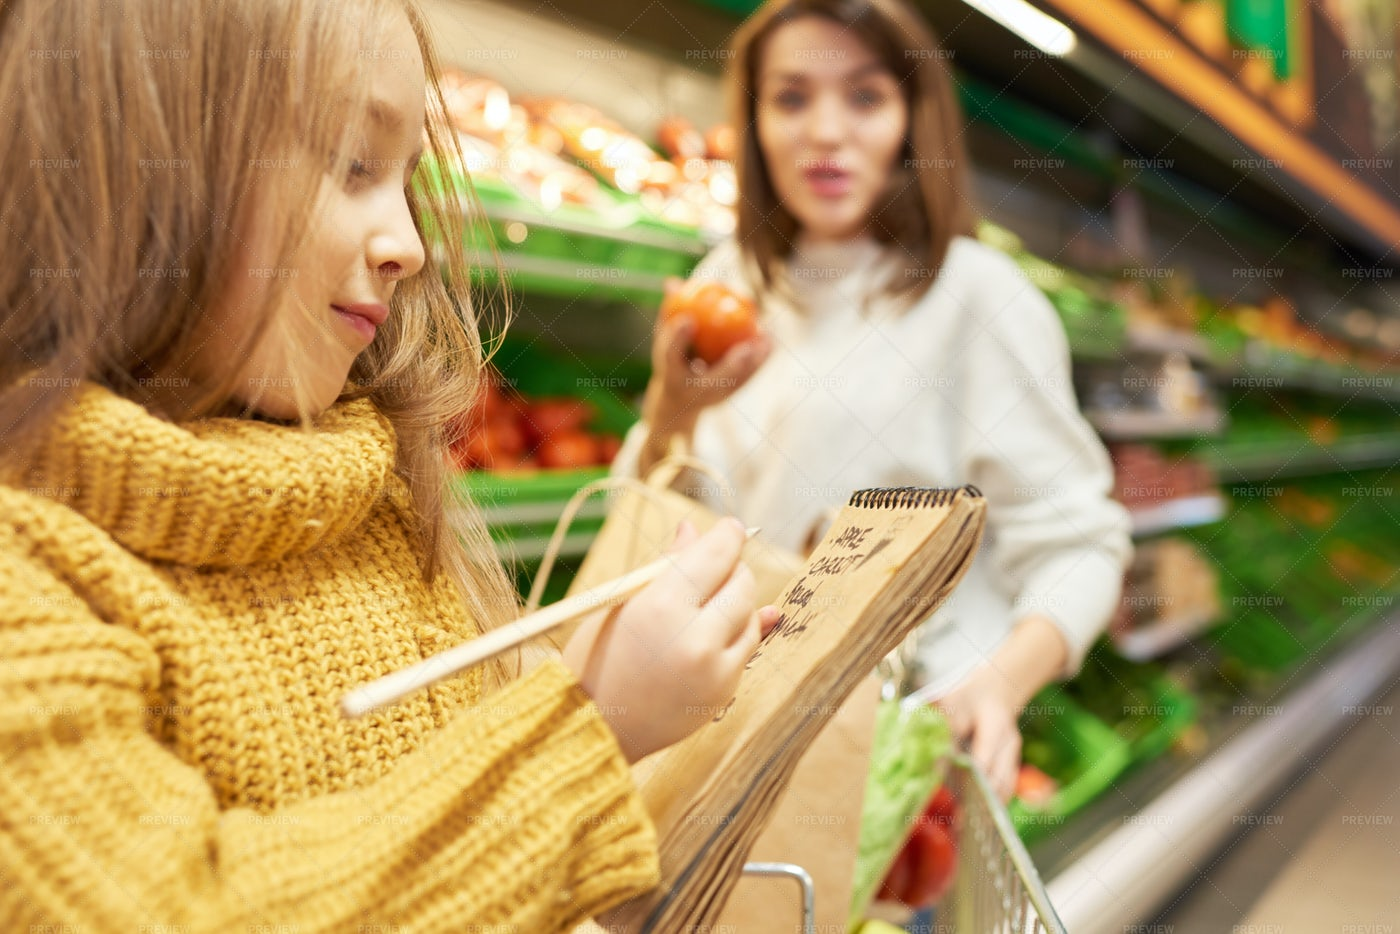 Little Girl Holding Shopping List: Stock Photos